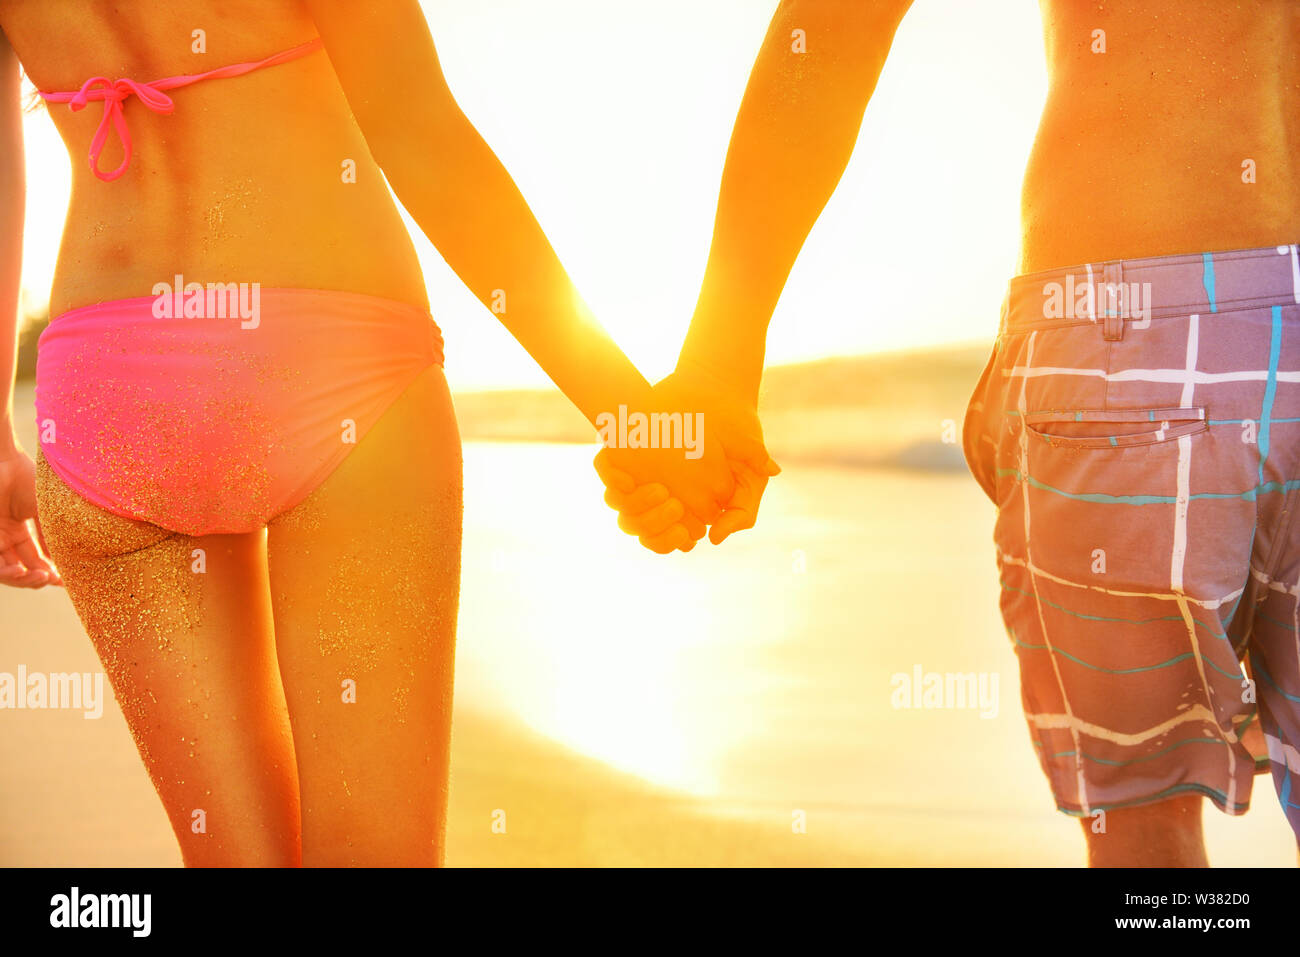 Las manos de la pareja en traje de baño en la playa. Vista trasera de la pareja, colocar las nalgas y piernas en concepto de pérdida de peso al atardecer en la playa durante las vacaciones de verano. Foto de stock